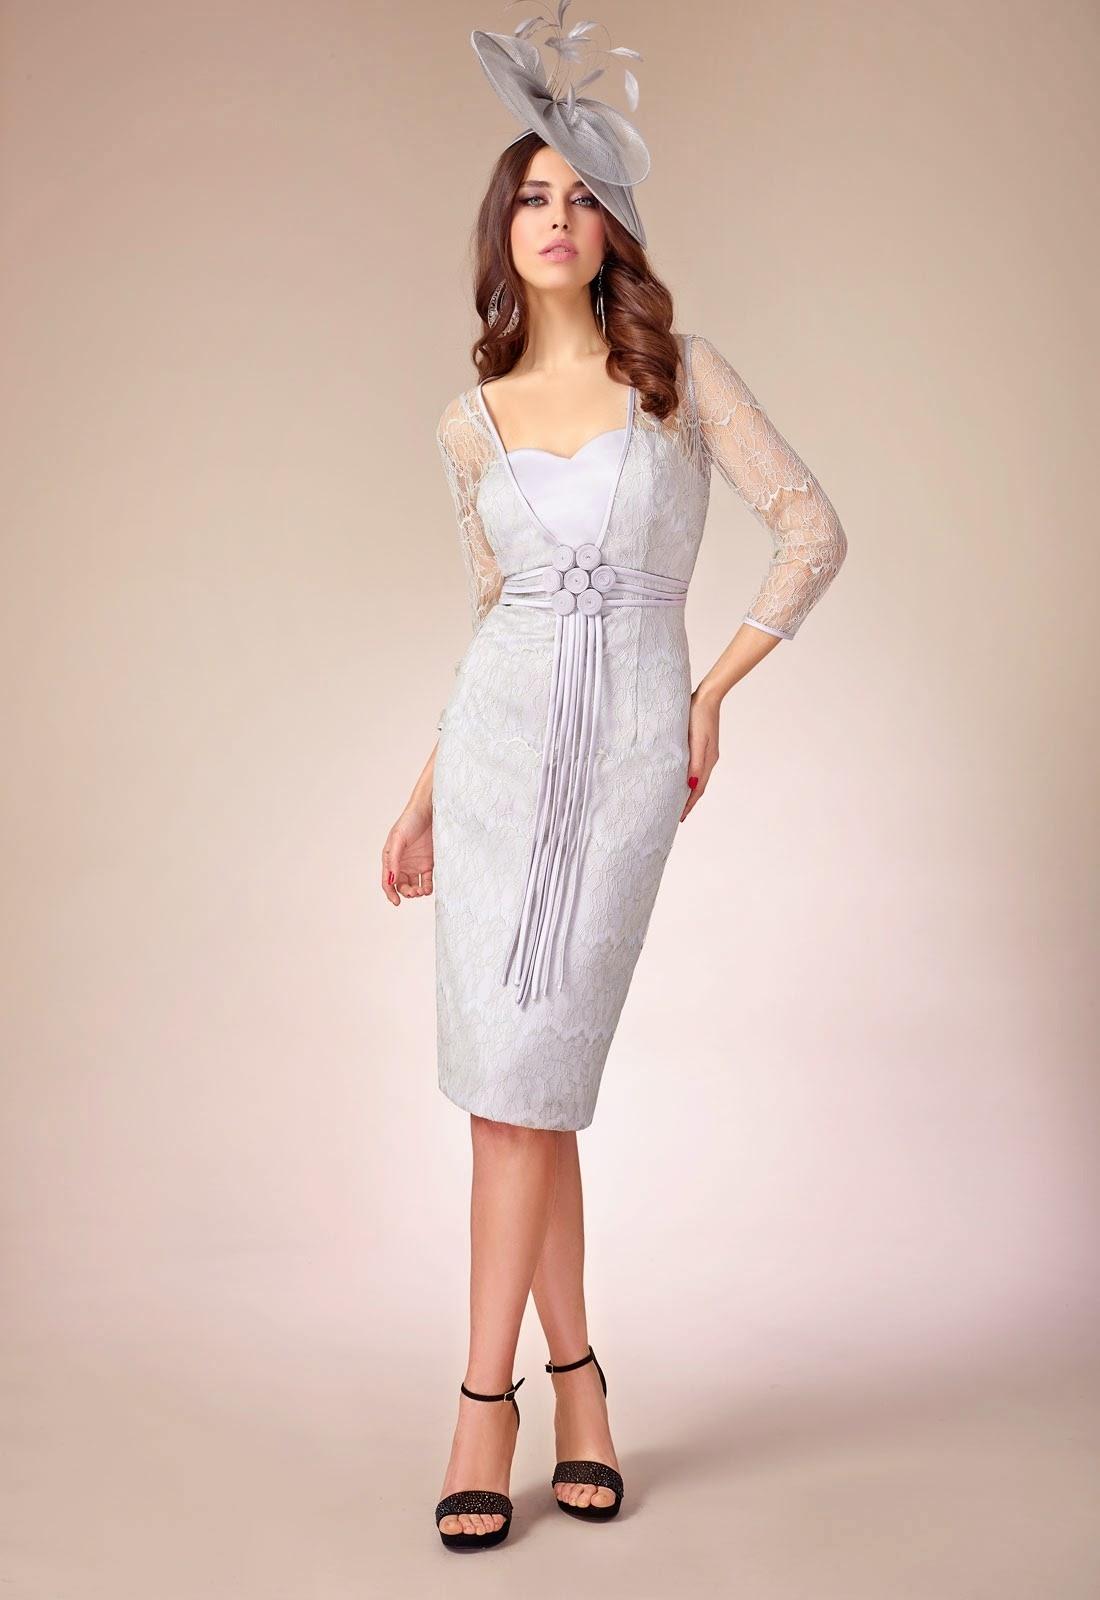 Abend Luxus Elegantes Kleid Mit Ärmel ÄrmelAbend Luxus Elegantes Kleid Mit Ärmel Ärmel